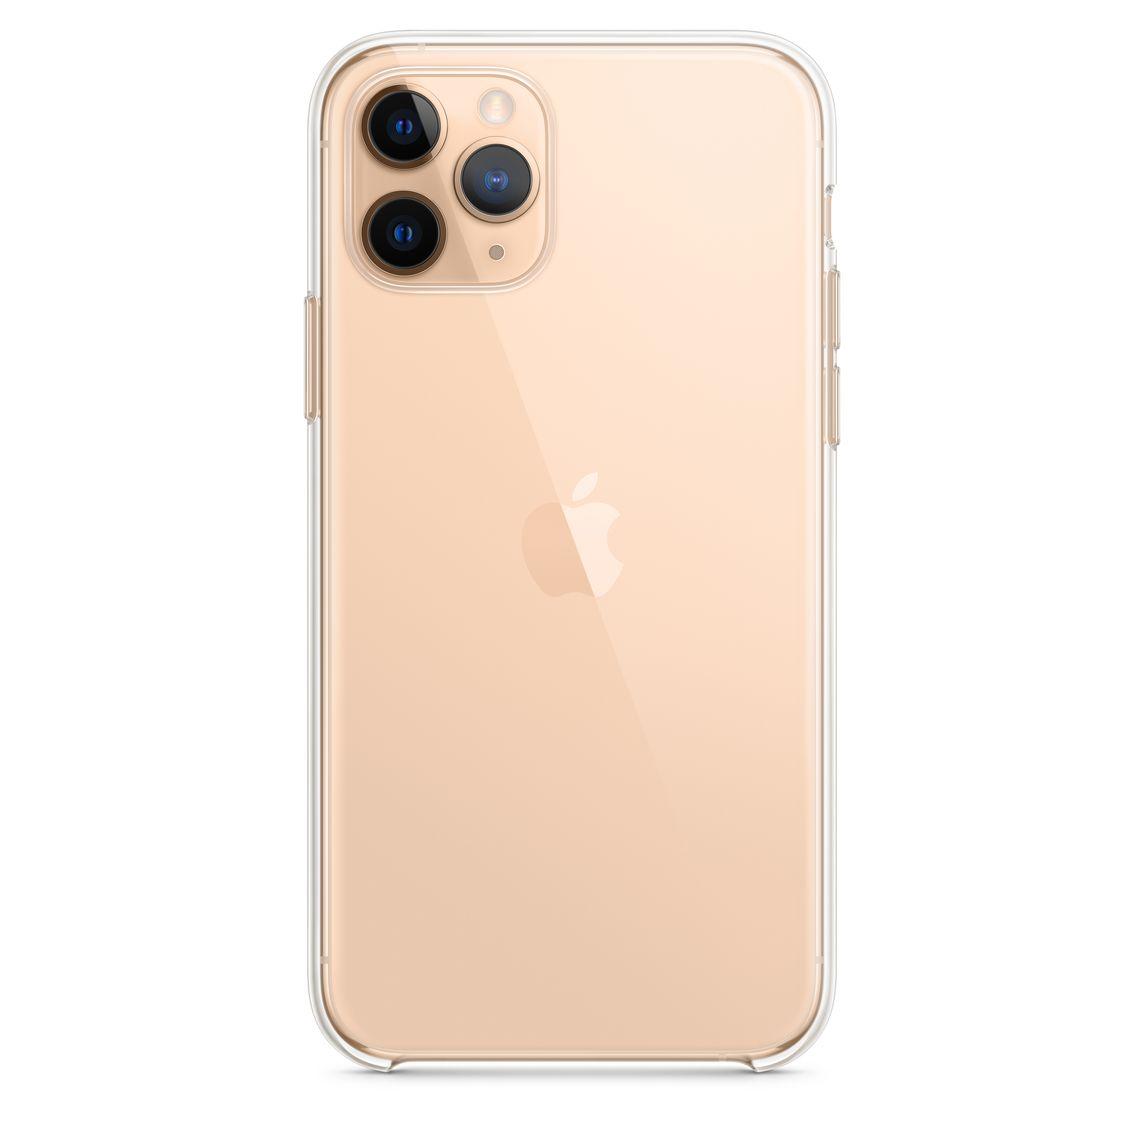 iPhone 11 Pro Case - Clear - Apple (DE)